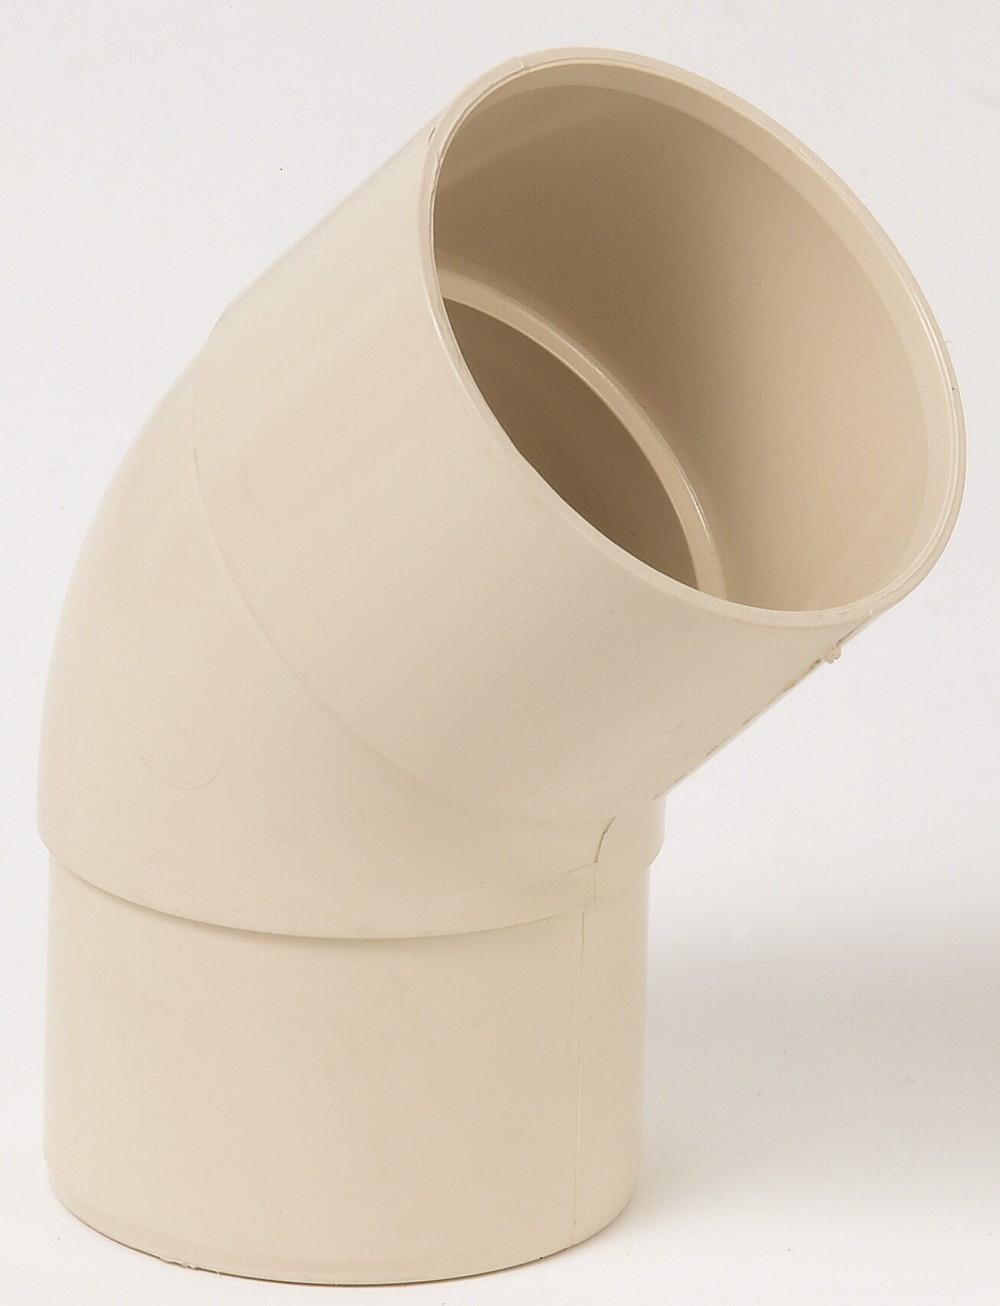 Coude 45° pvc sable GIRPI, Dév.16 cm Diam.50 mm